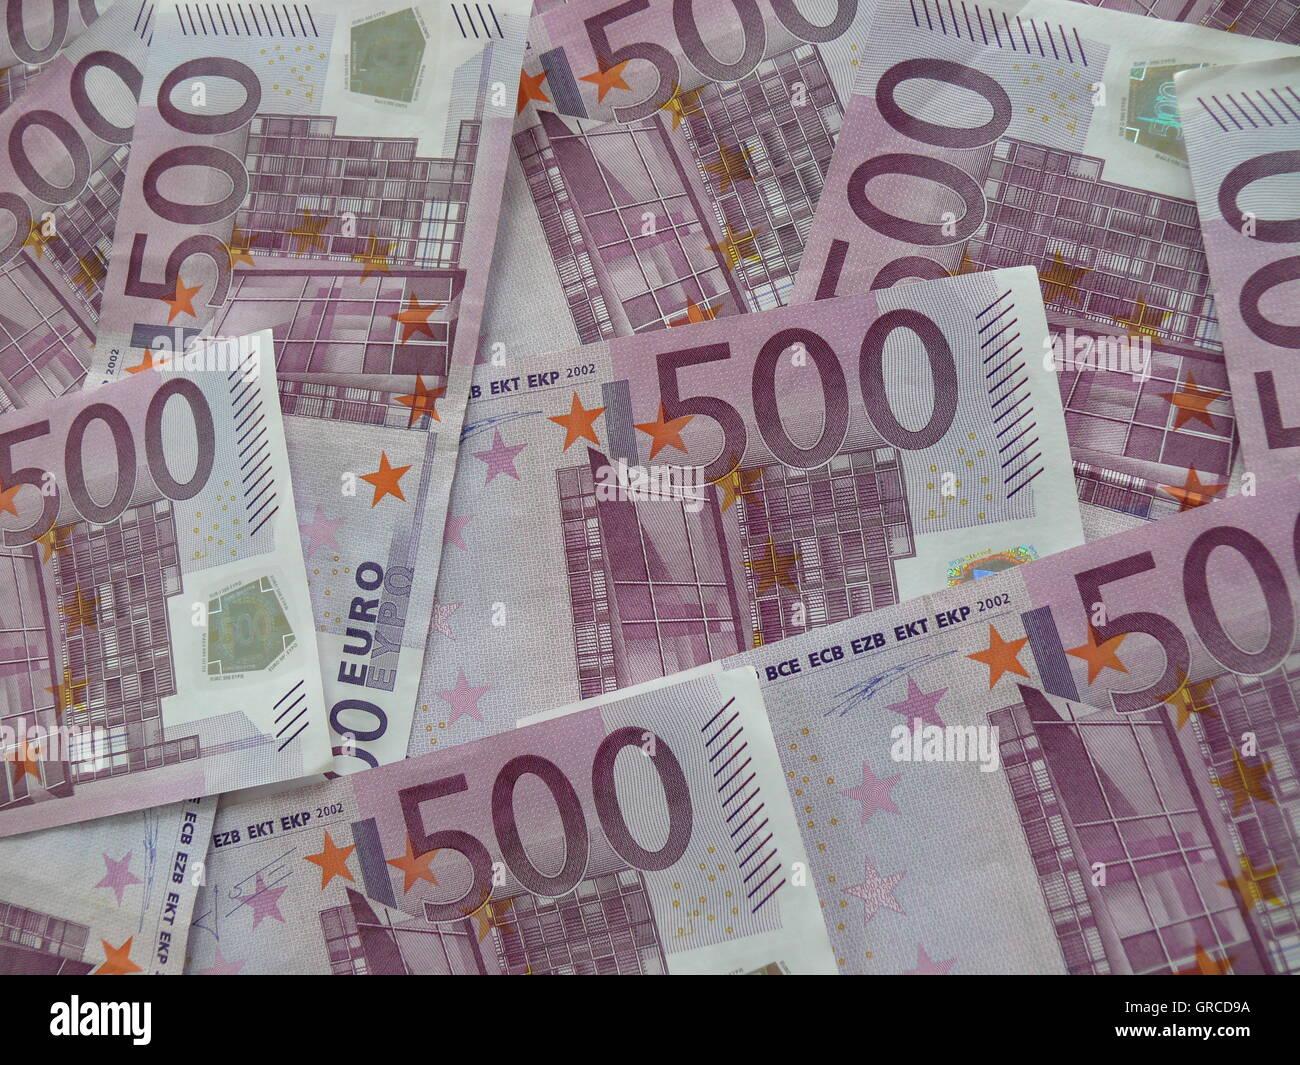 Mucho Dinero Un Montón De Billetes De 500 Euros Está Planeado Para